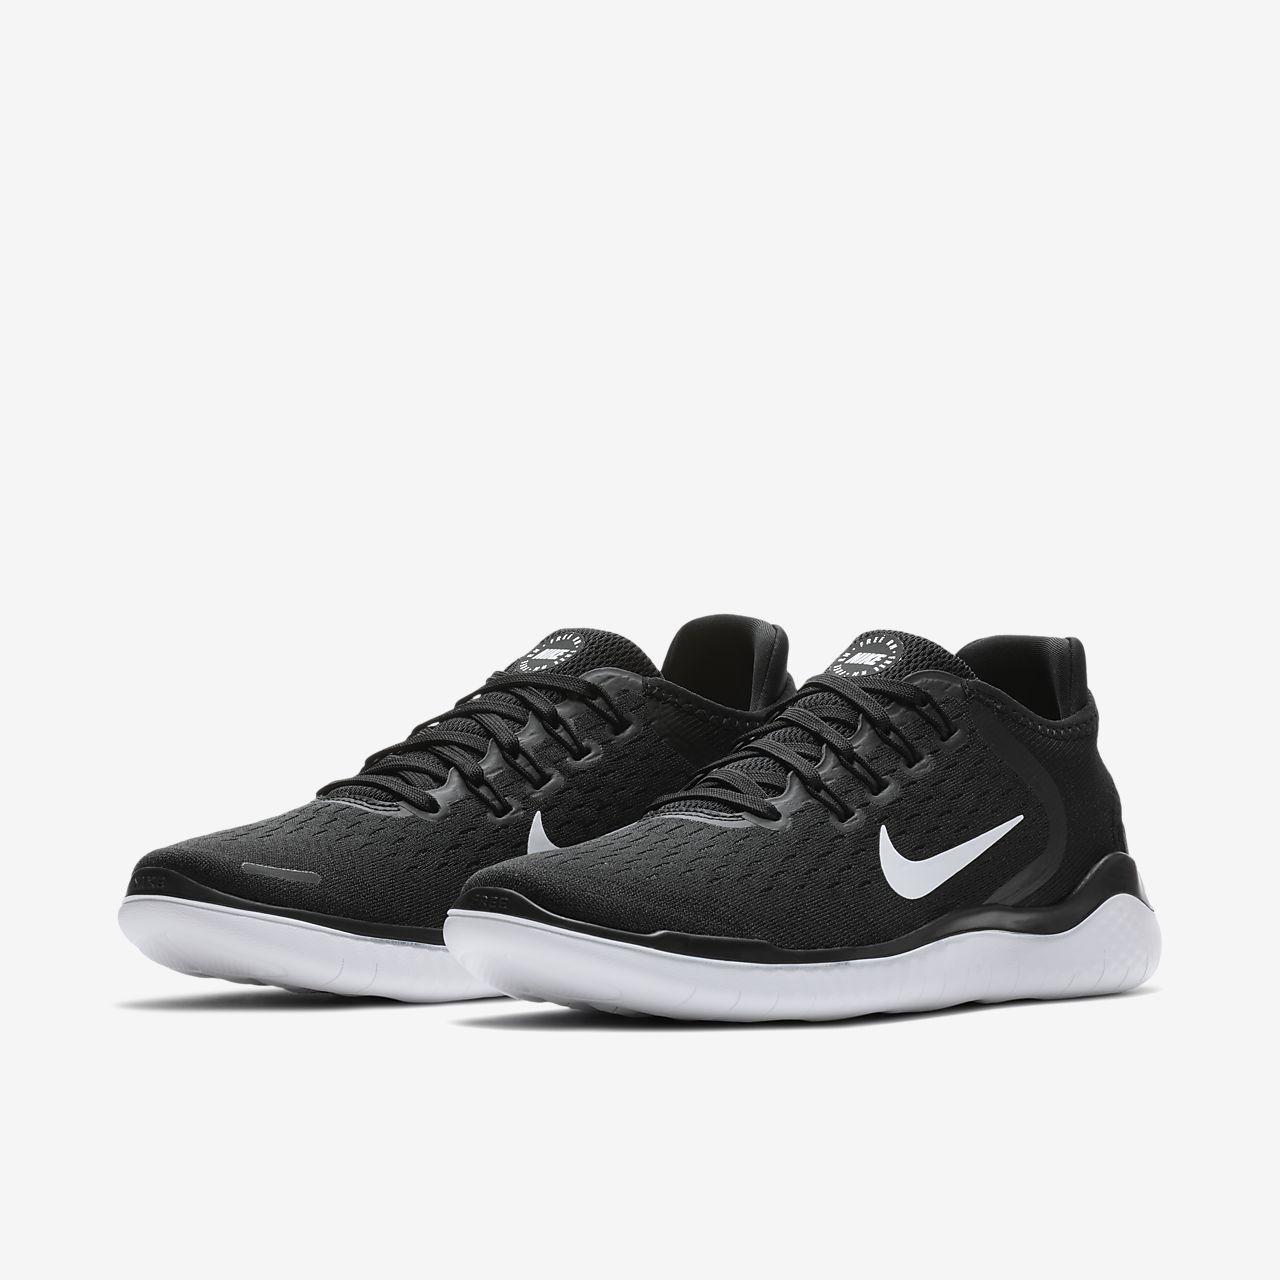 ce1d6b6079cd1 Nike Free RN 2018 Women's Running Shoe